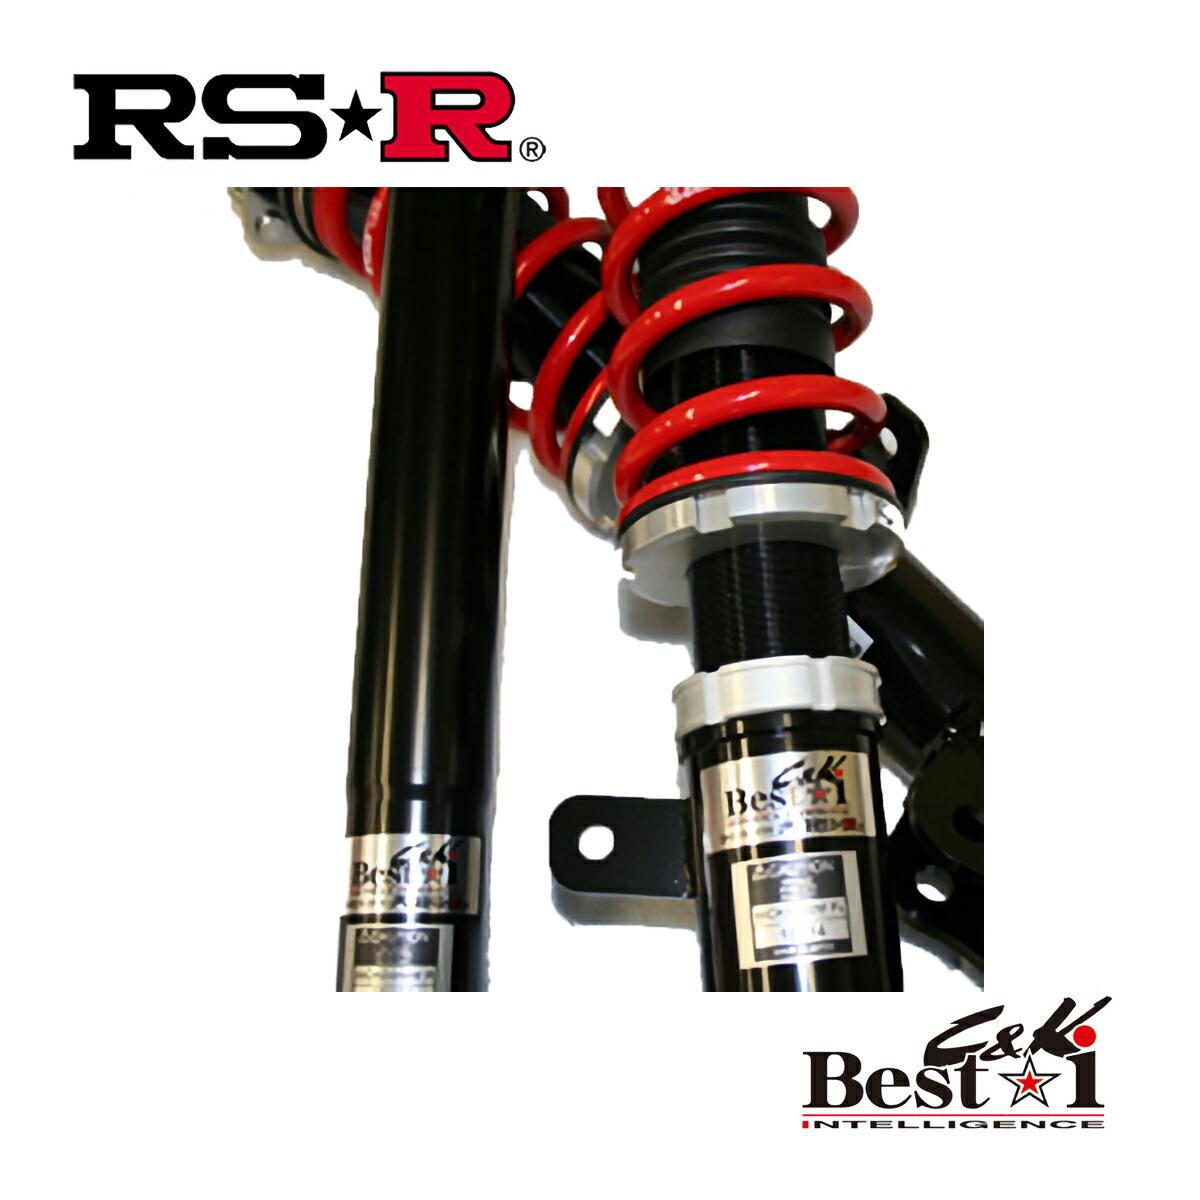 RS-R アトレーワゴン S321G カスタムターボR 車高調 リア車高調整: ネジ式 BICKD122H2 ベストi C&K RSR 個人宅発送追金有